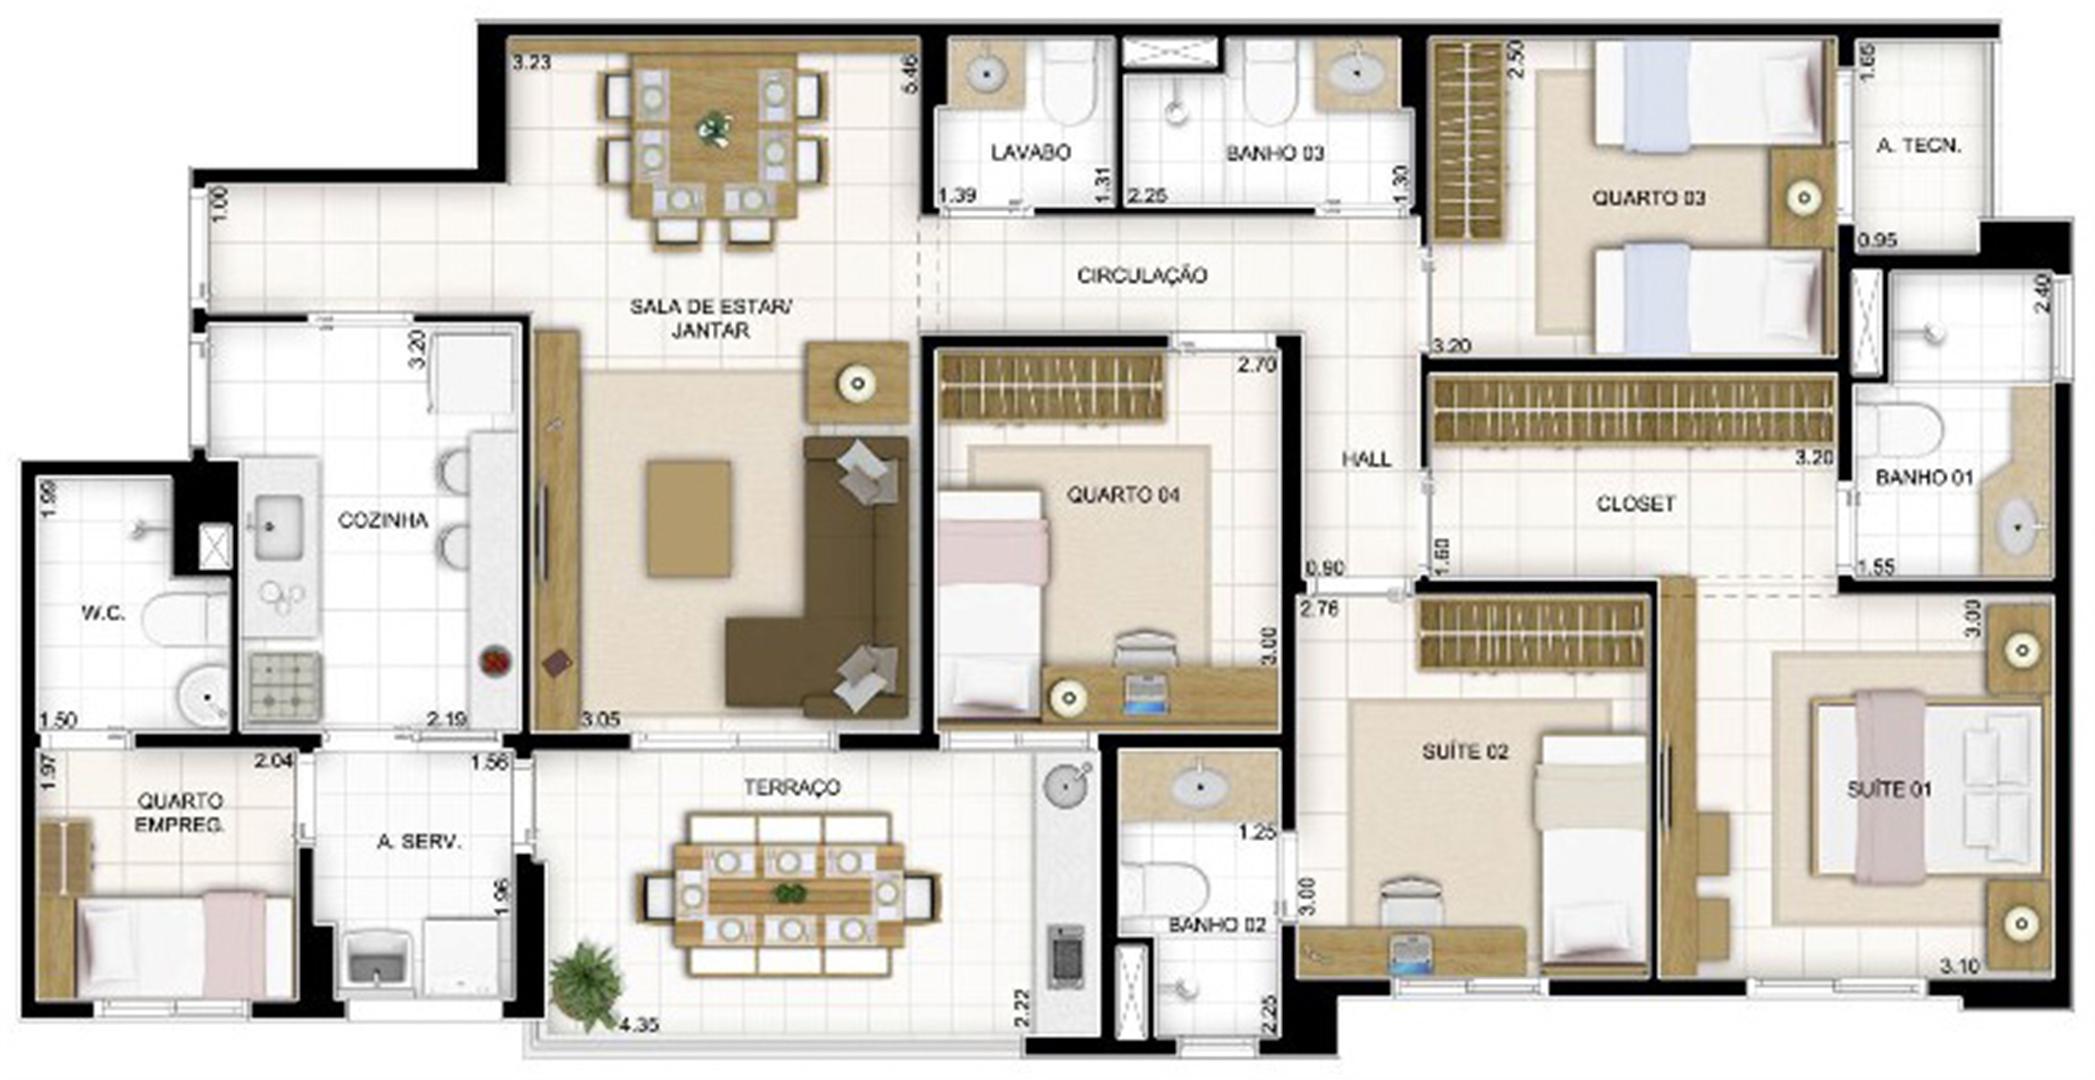 Planta Tipo 4 quartos 119 m² | Quartier Lagoa Nova – Apartamento na  Lagoa Nova - Natal - Rio Grande do Norte